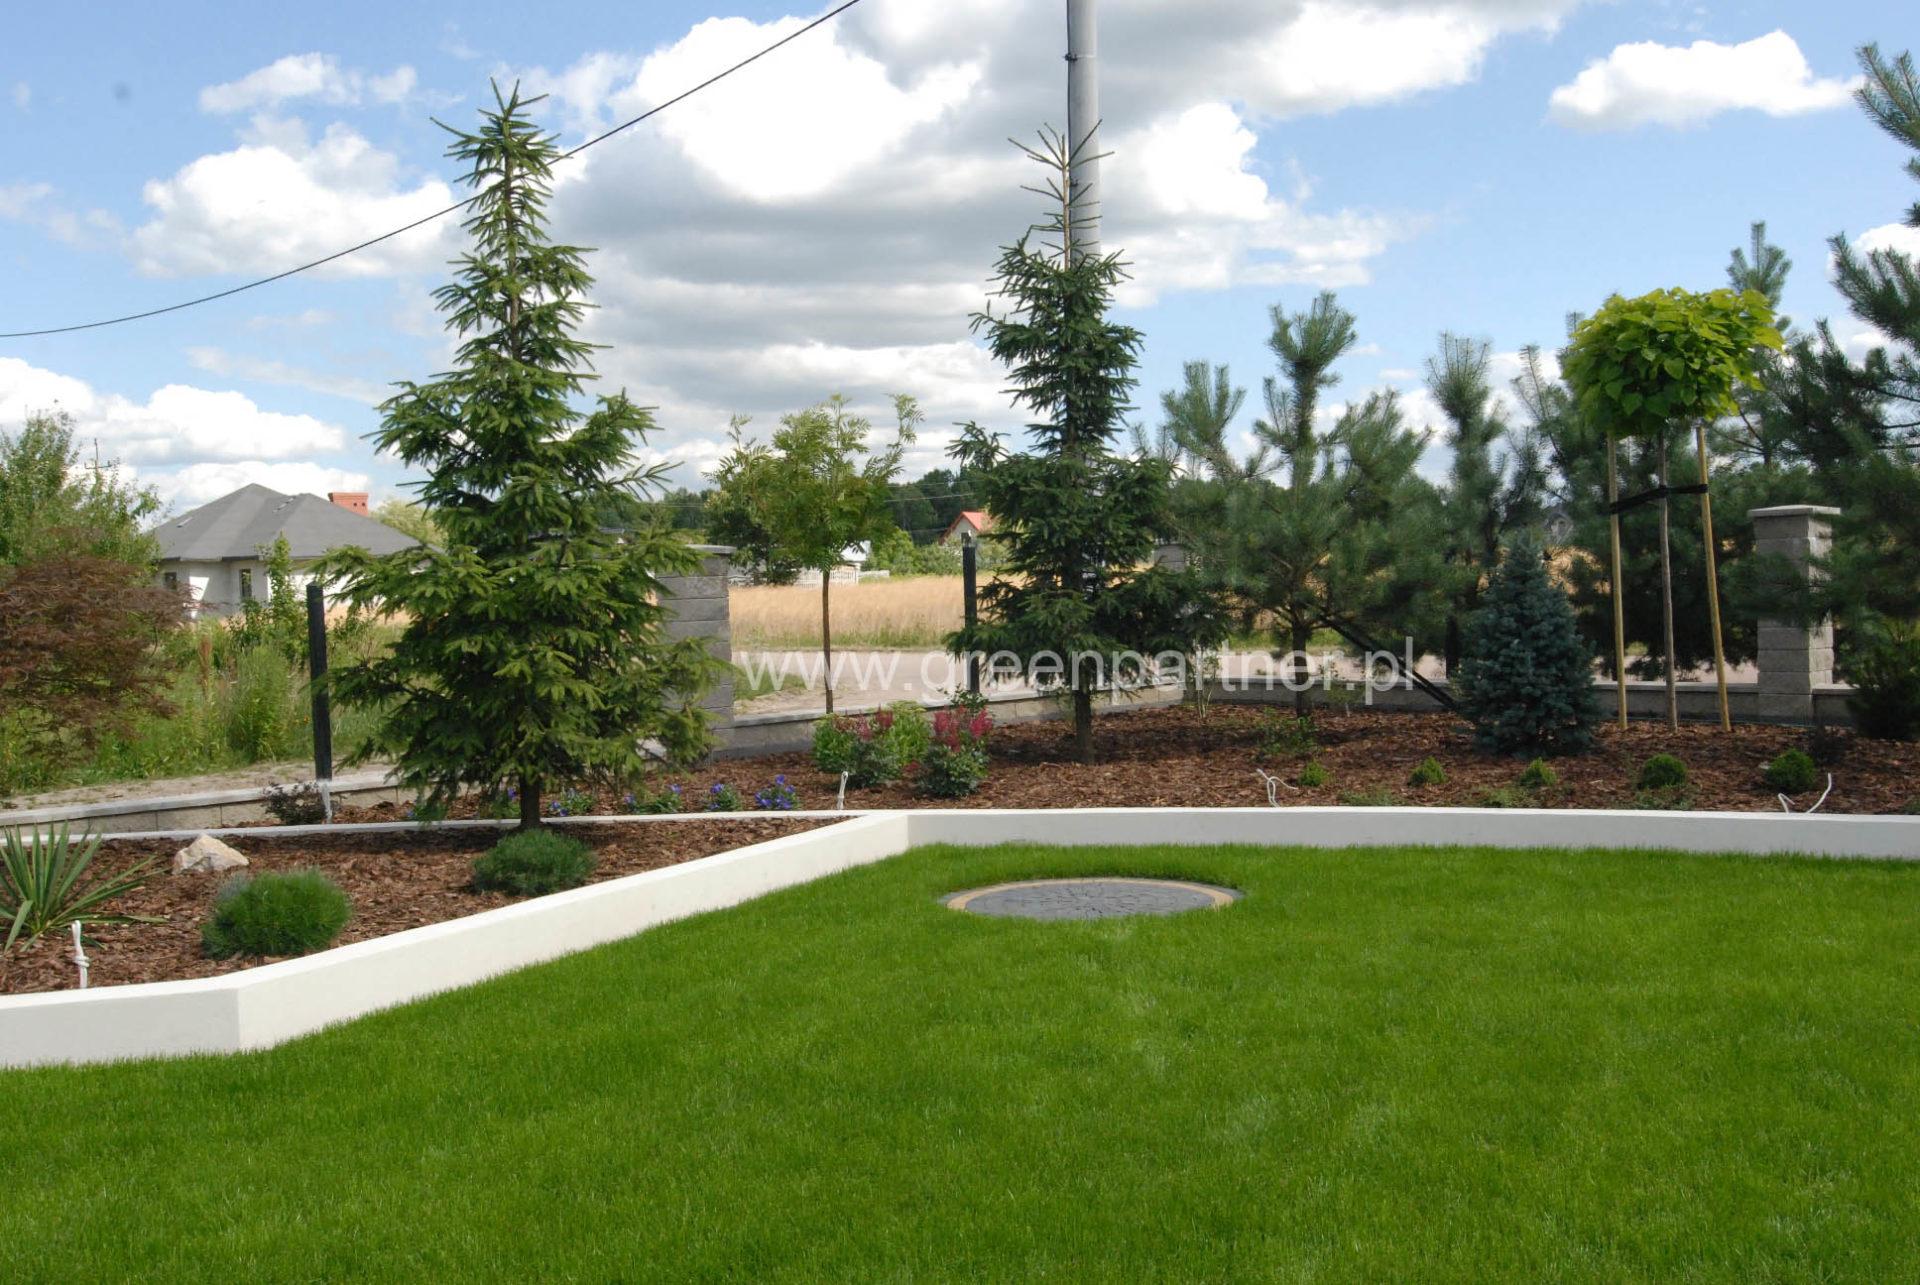 Ogród nowoczesny Mińsk Mazowiecki - projekt i realizacja,nawadnianie